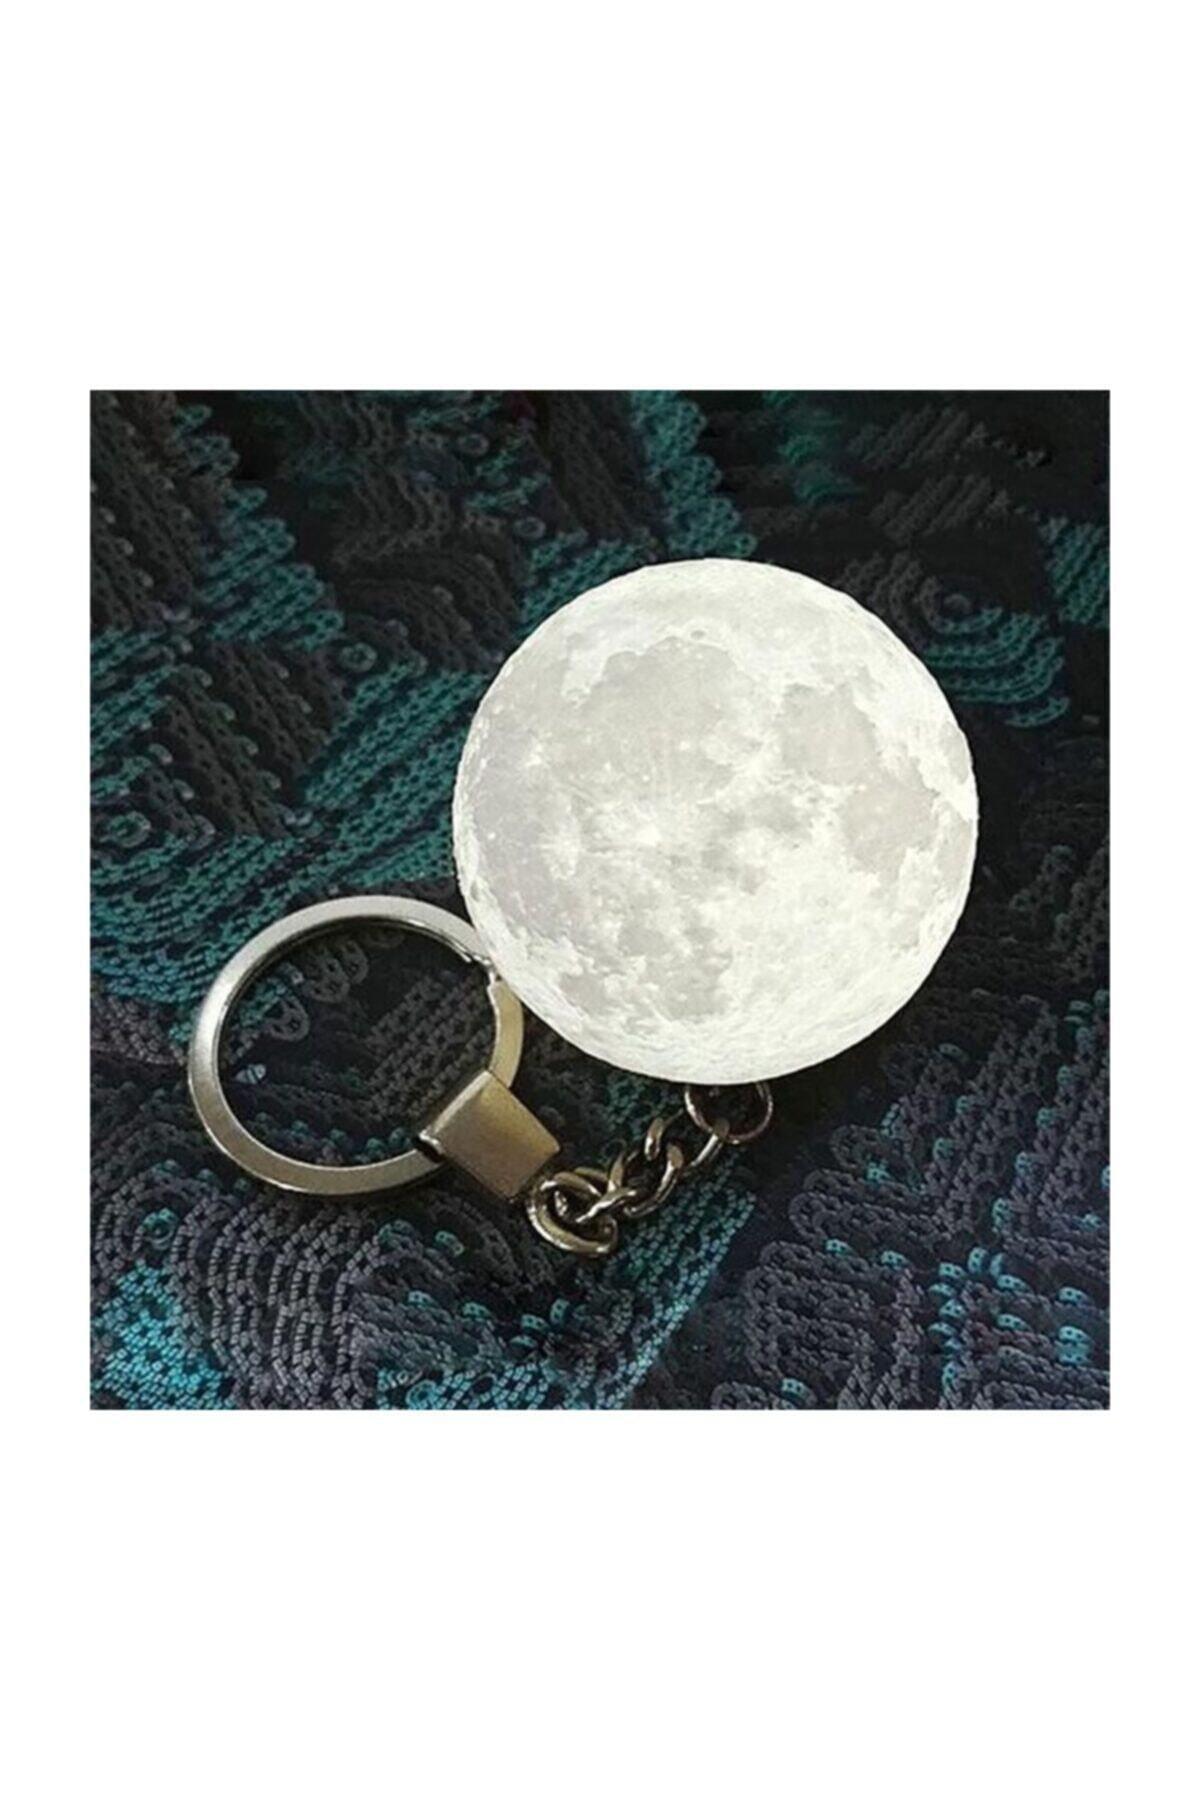 Led Anahtarlık 3d Moon Lamba Işıklı Ay Anahtarlık 1